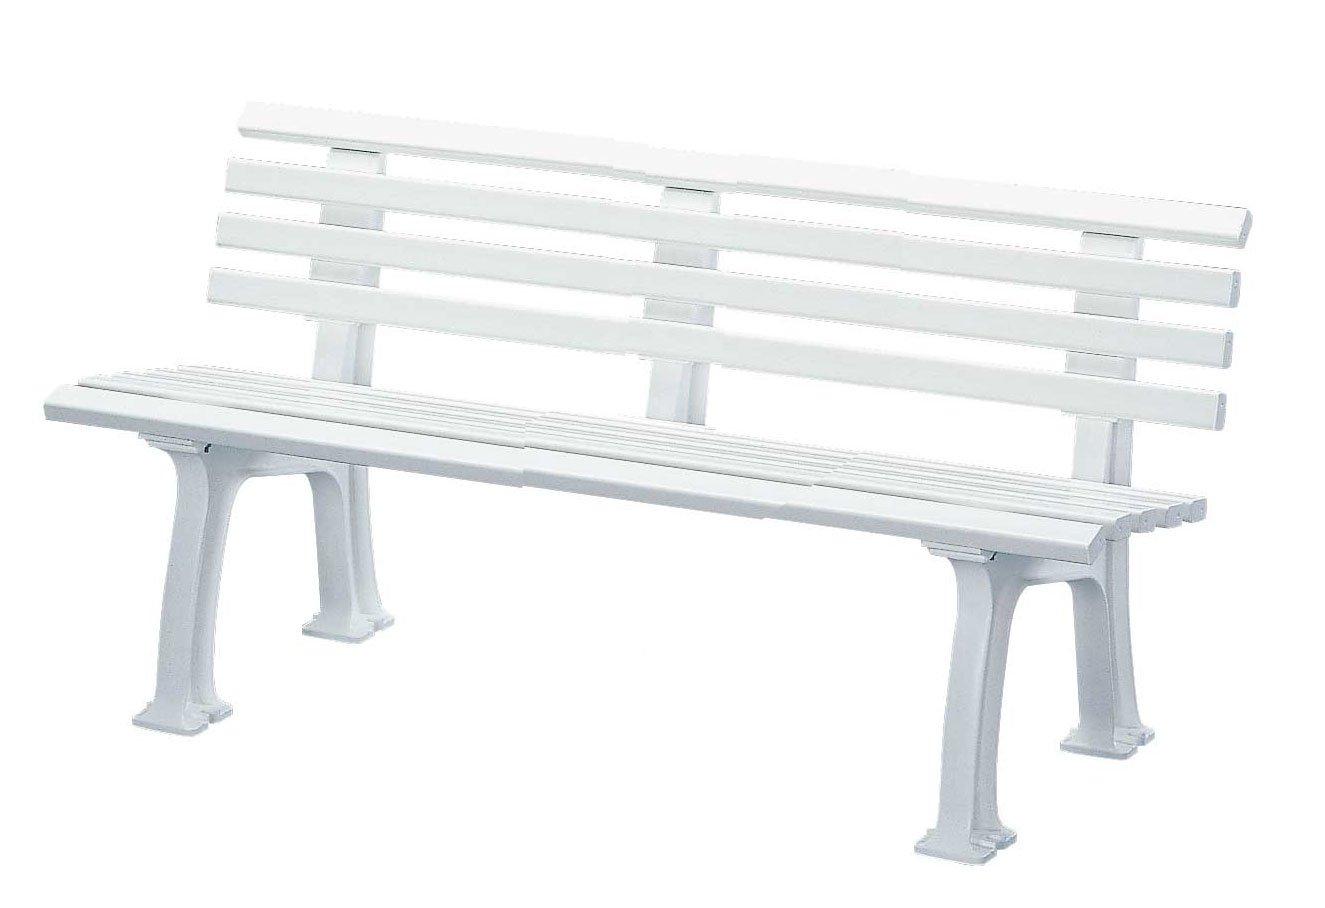 blome bank sylt 3 sitzer aus kunststoff weiss g nstig kaufen. Black Bedroom Furniture Sets. Home Design Ideas